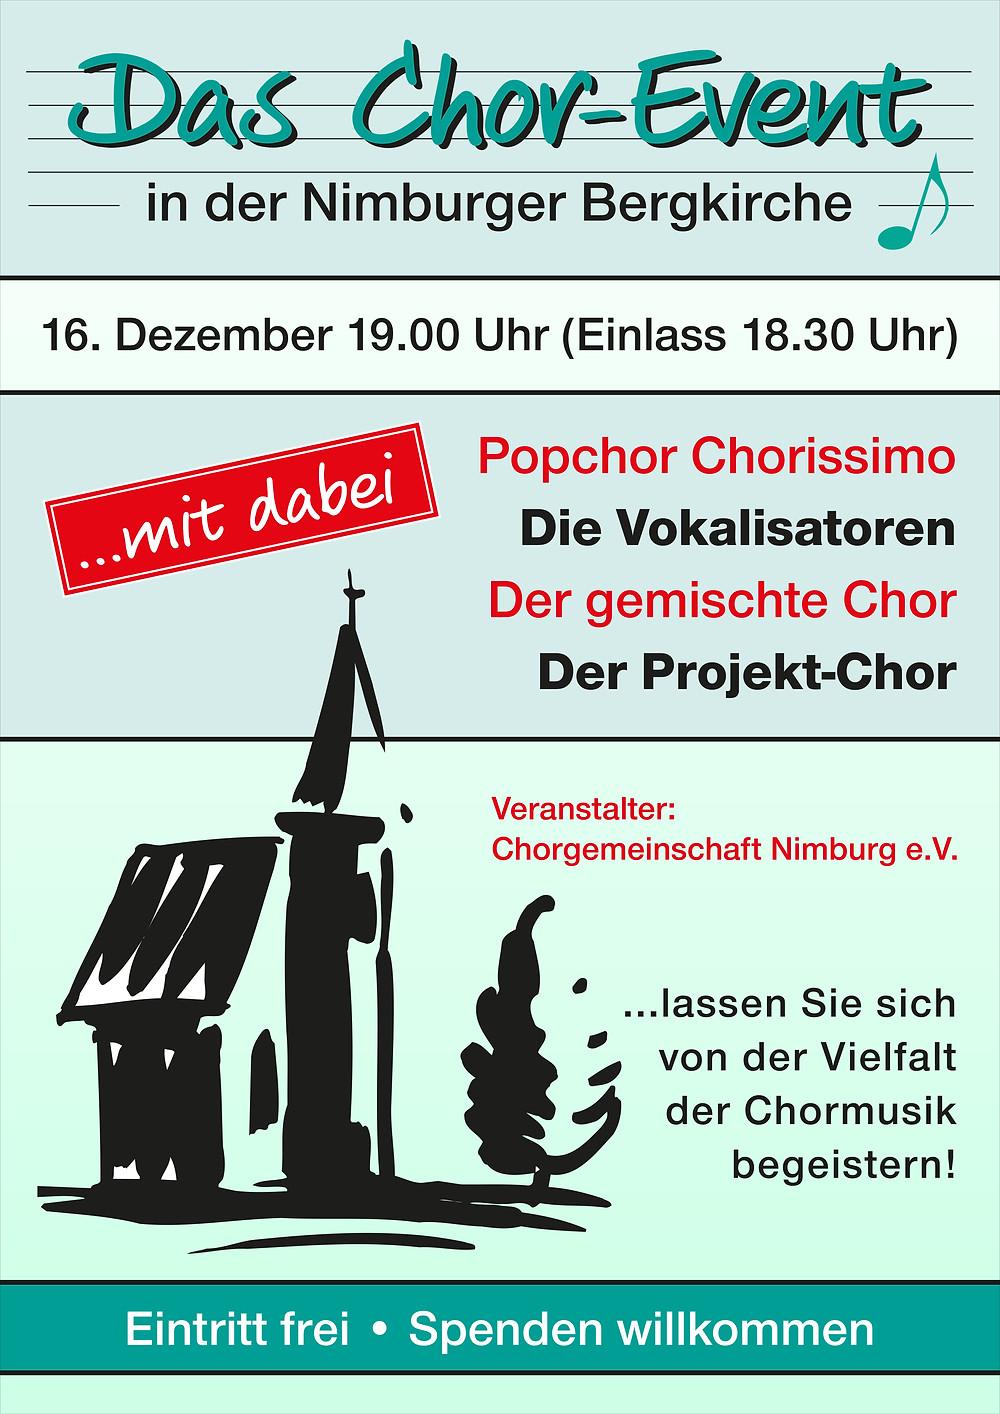 Das Chor-Event in der Bergkirche Nimburg